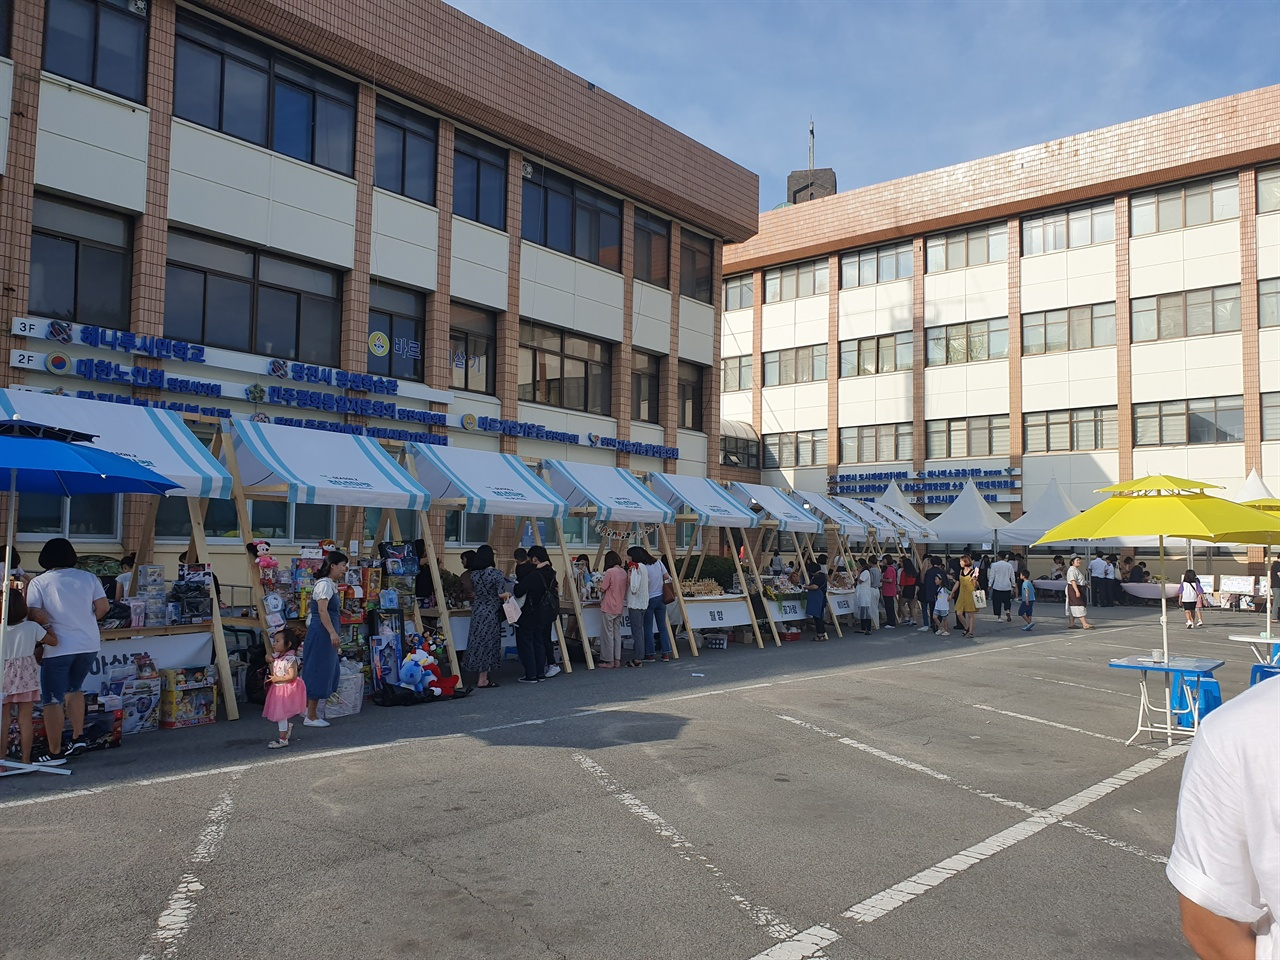 지난달 31일 당진청년마켓 시즌2가 청년센터 나래에서 열린 가운데, 참여자 부족으로 한산한 행사 모습